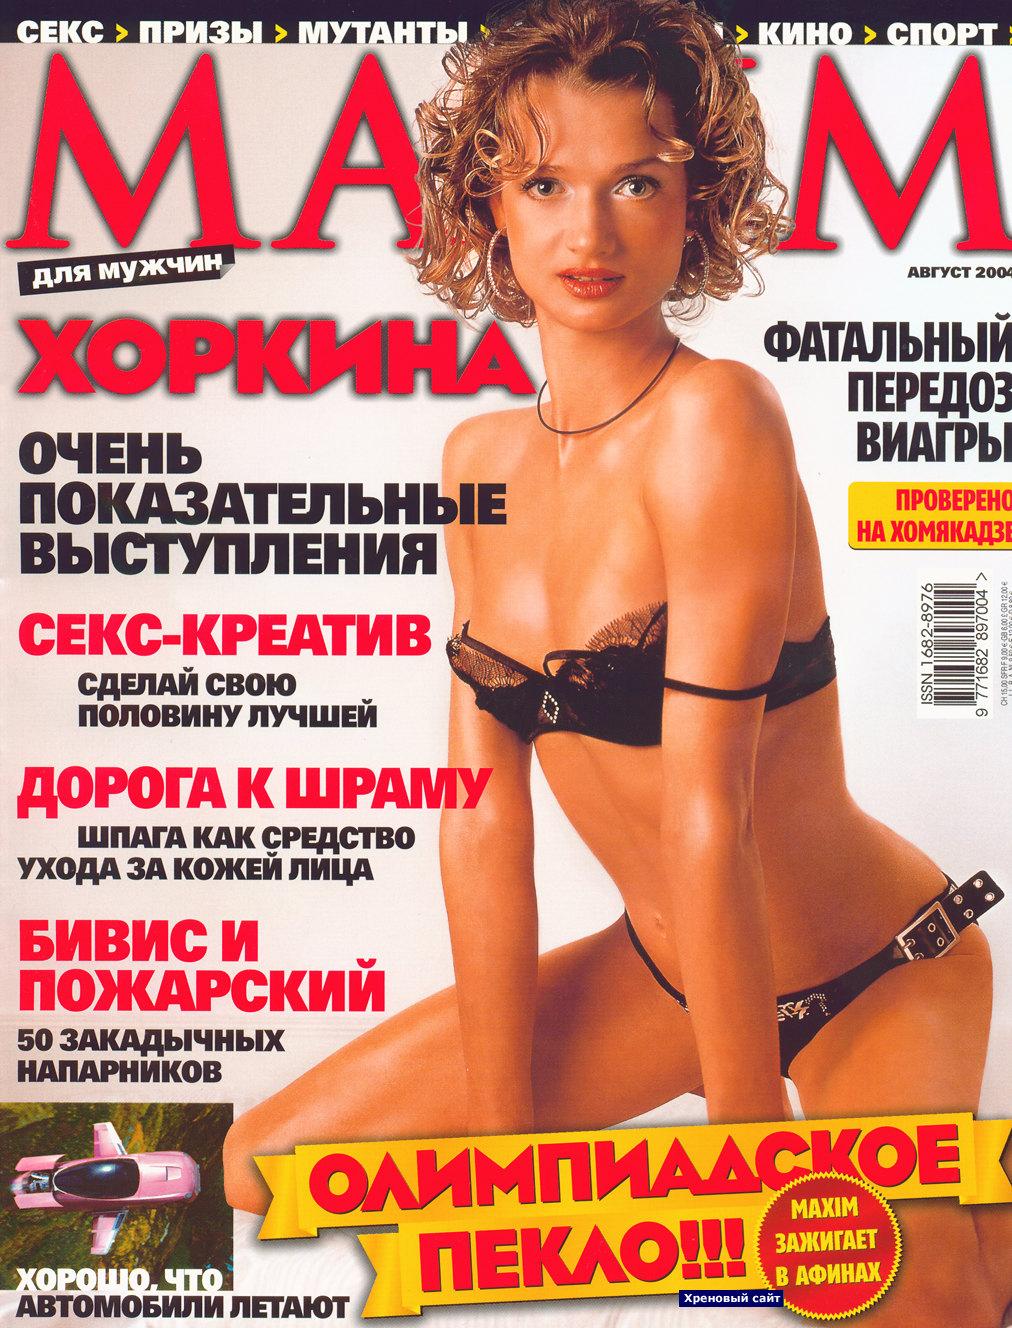 эротические журналы фото maxim-зо2